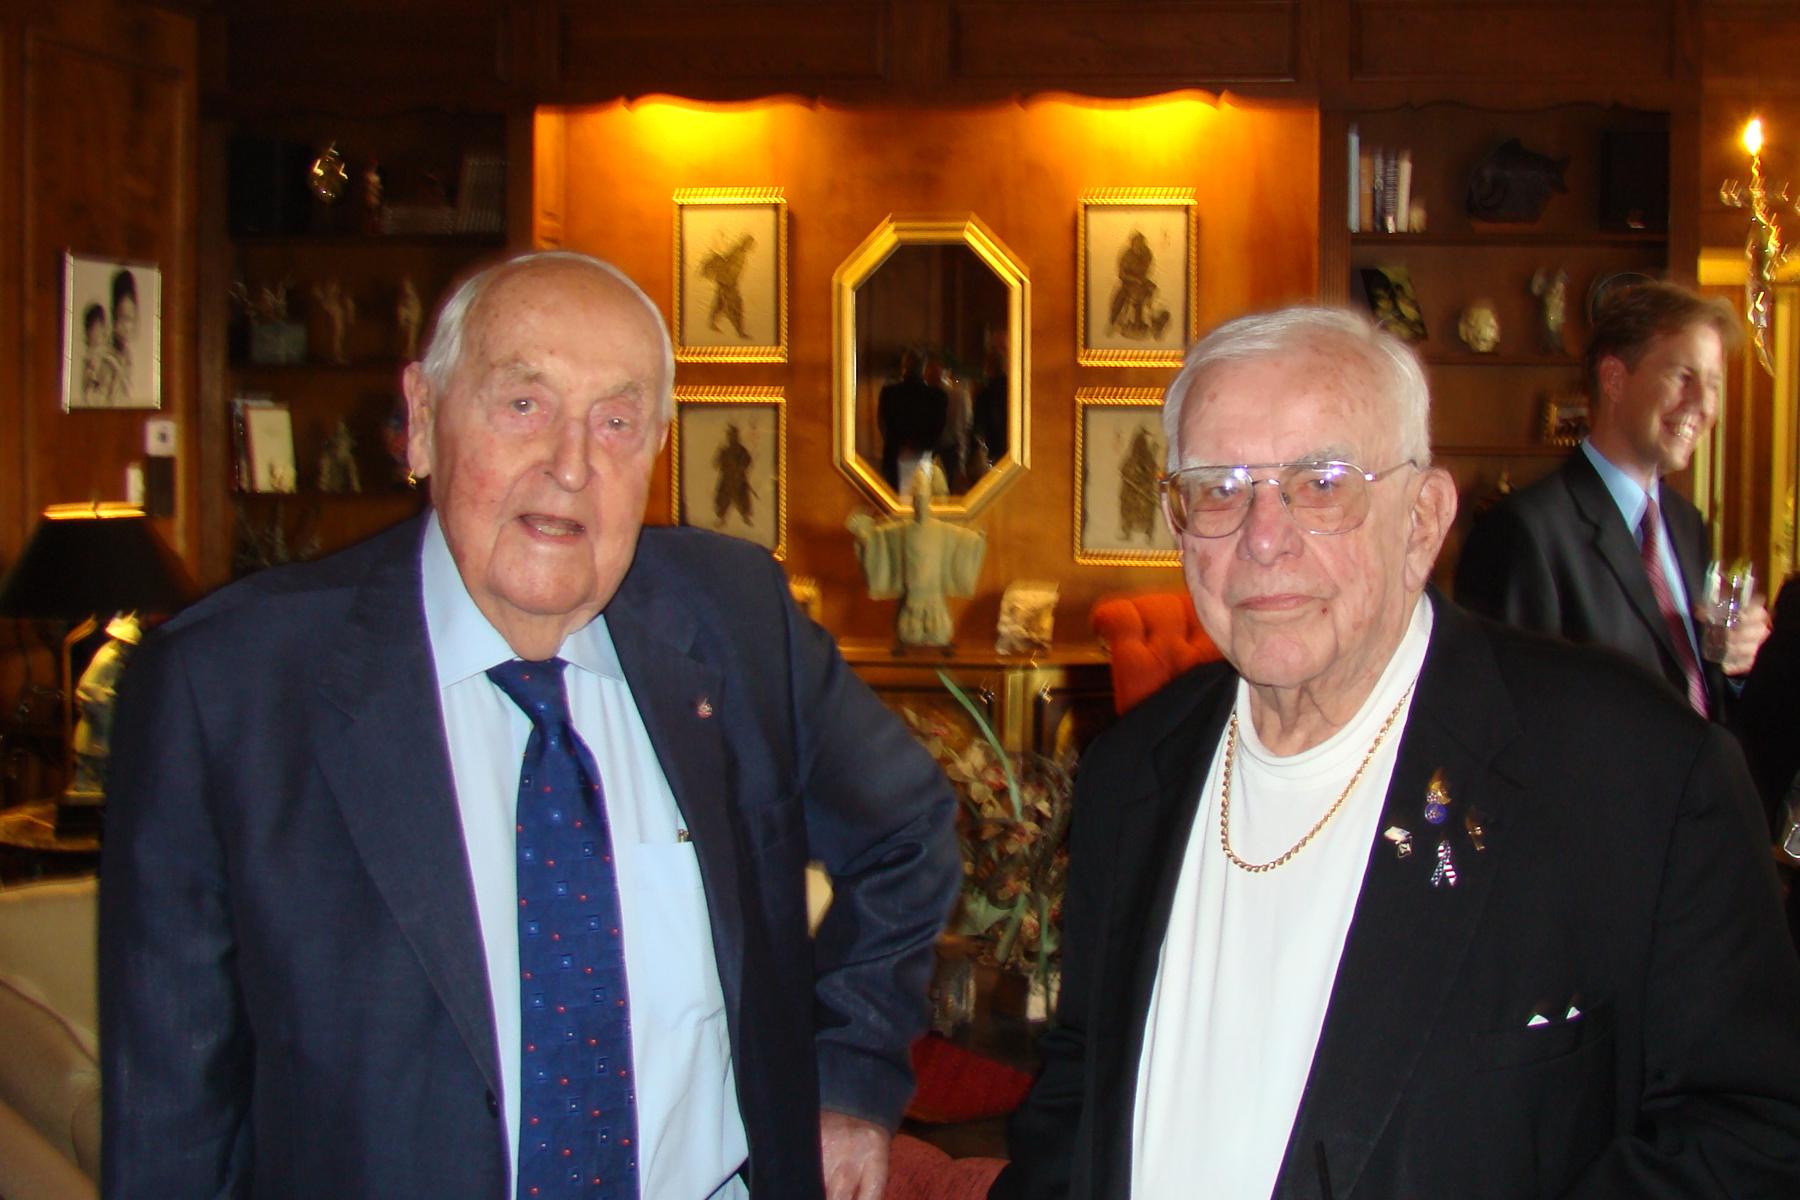 Sir Lennox Hewitt & Bob Cutler - 1, 29 Oct '08.jpg